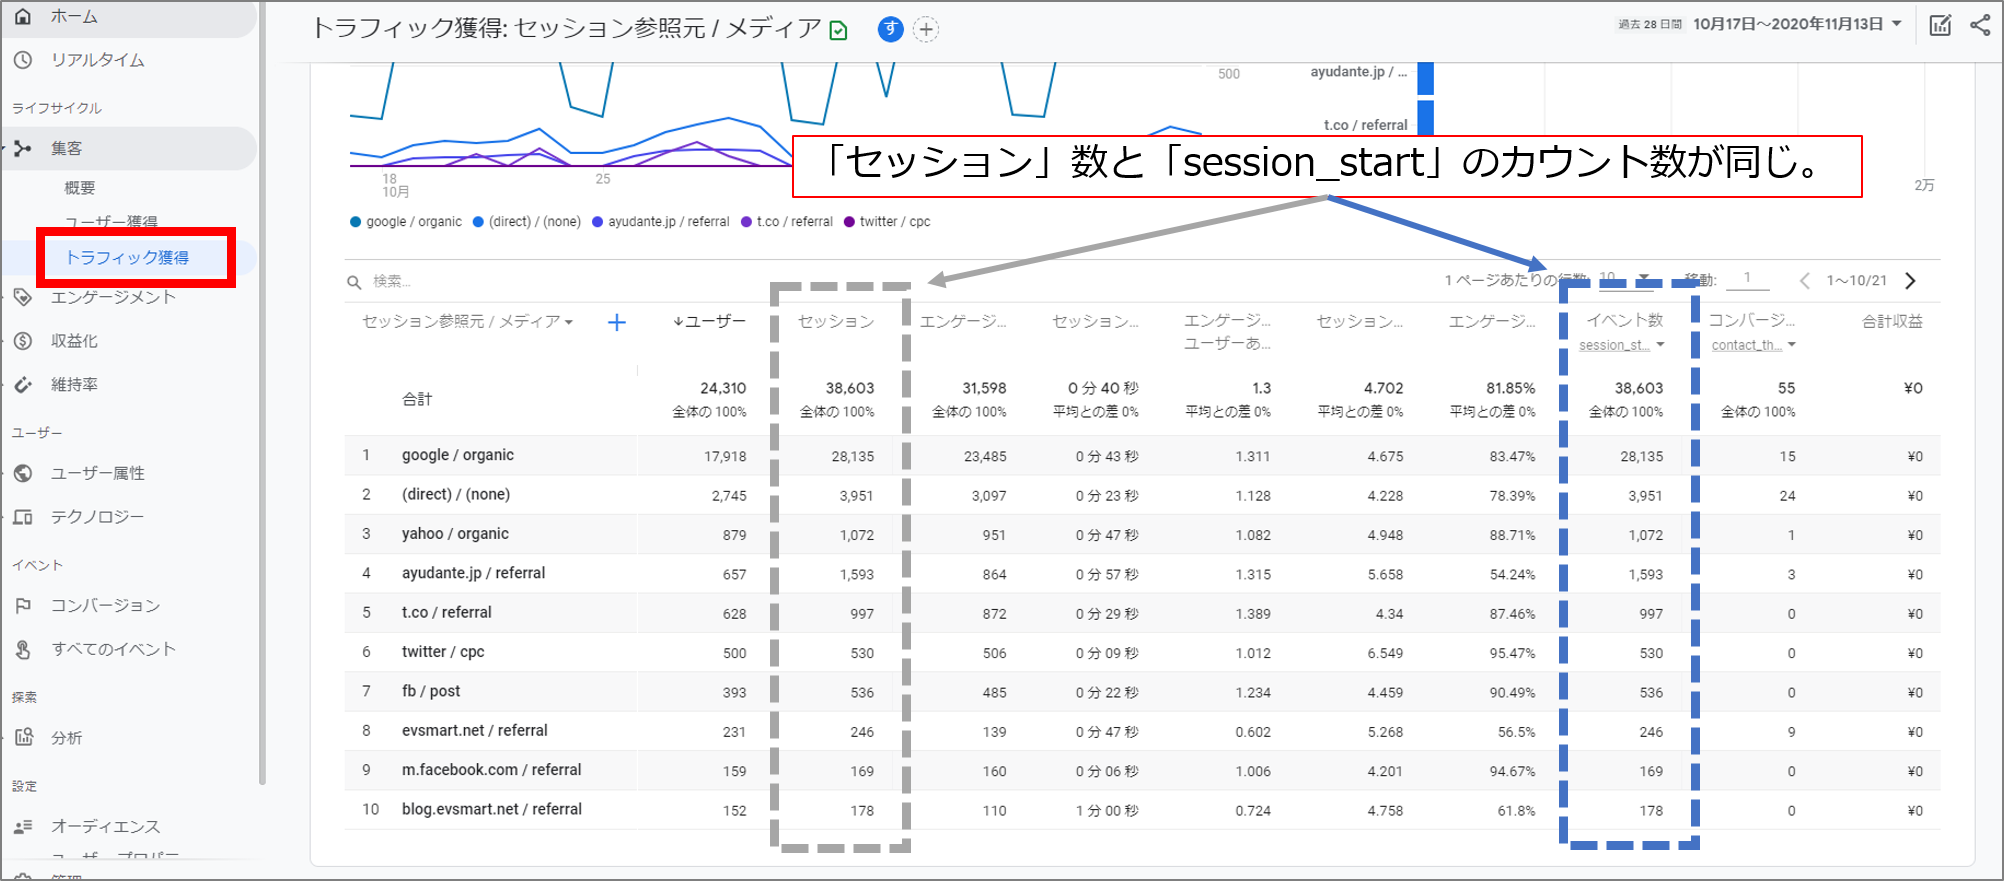 セッション単位の集客レポート図